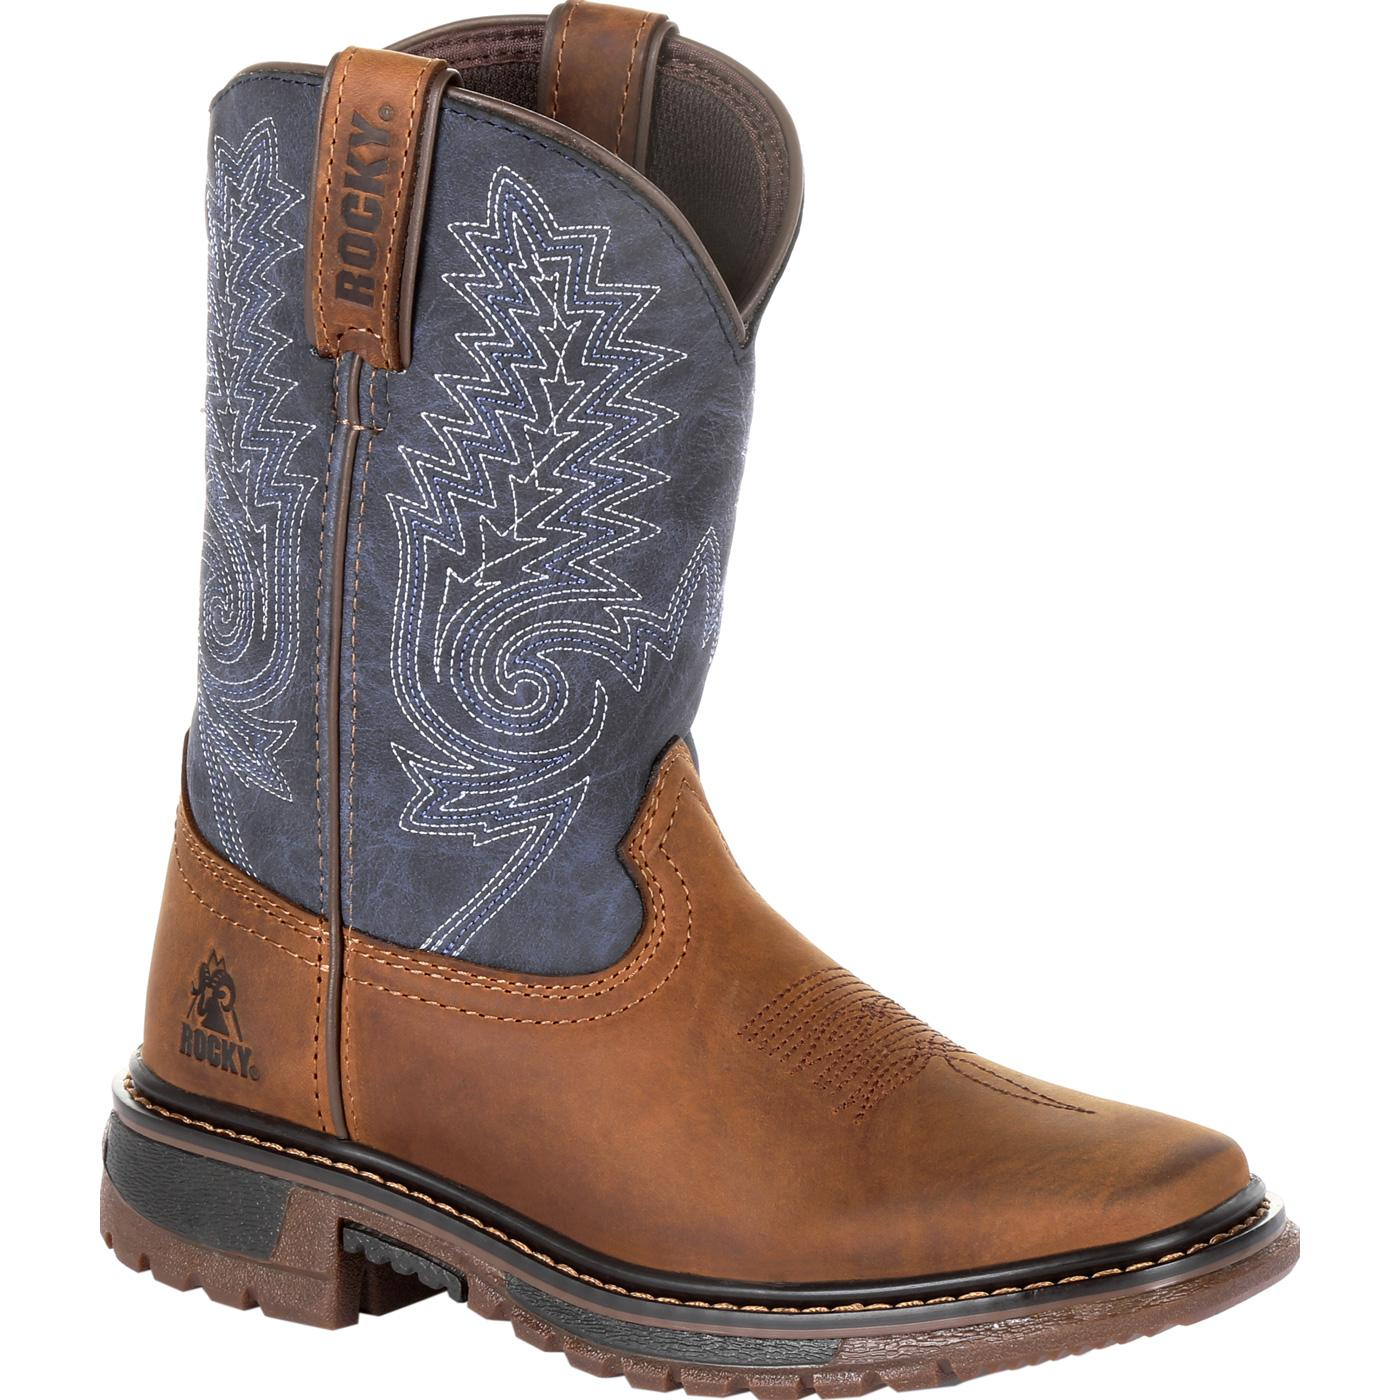 93976cffd4 Rocky Kids  Ride FLX  Western Boot